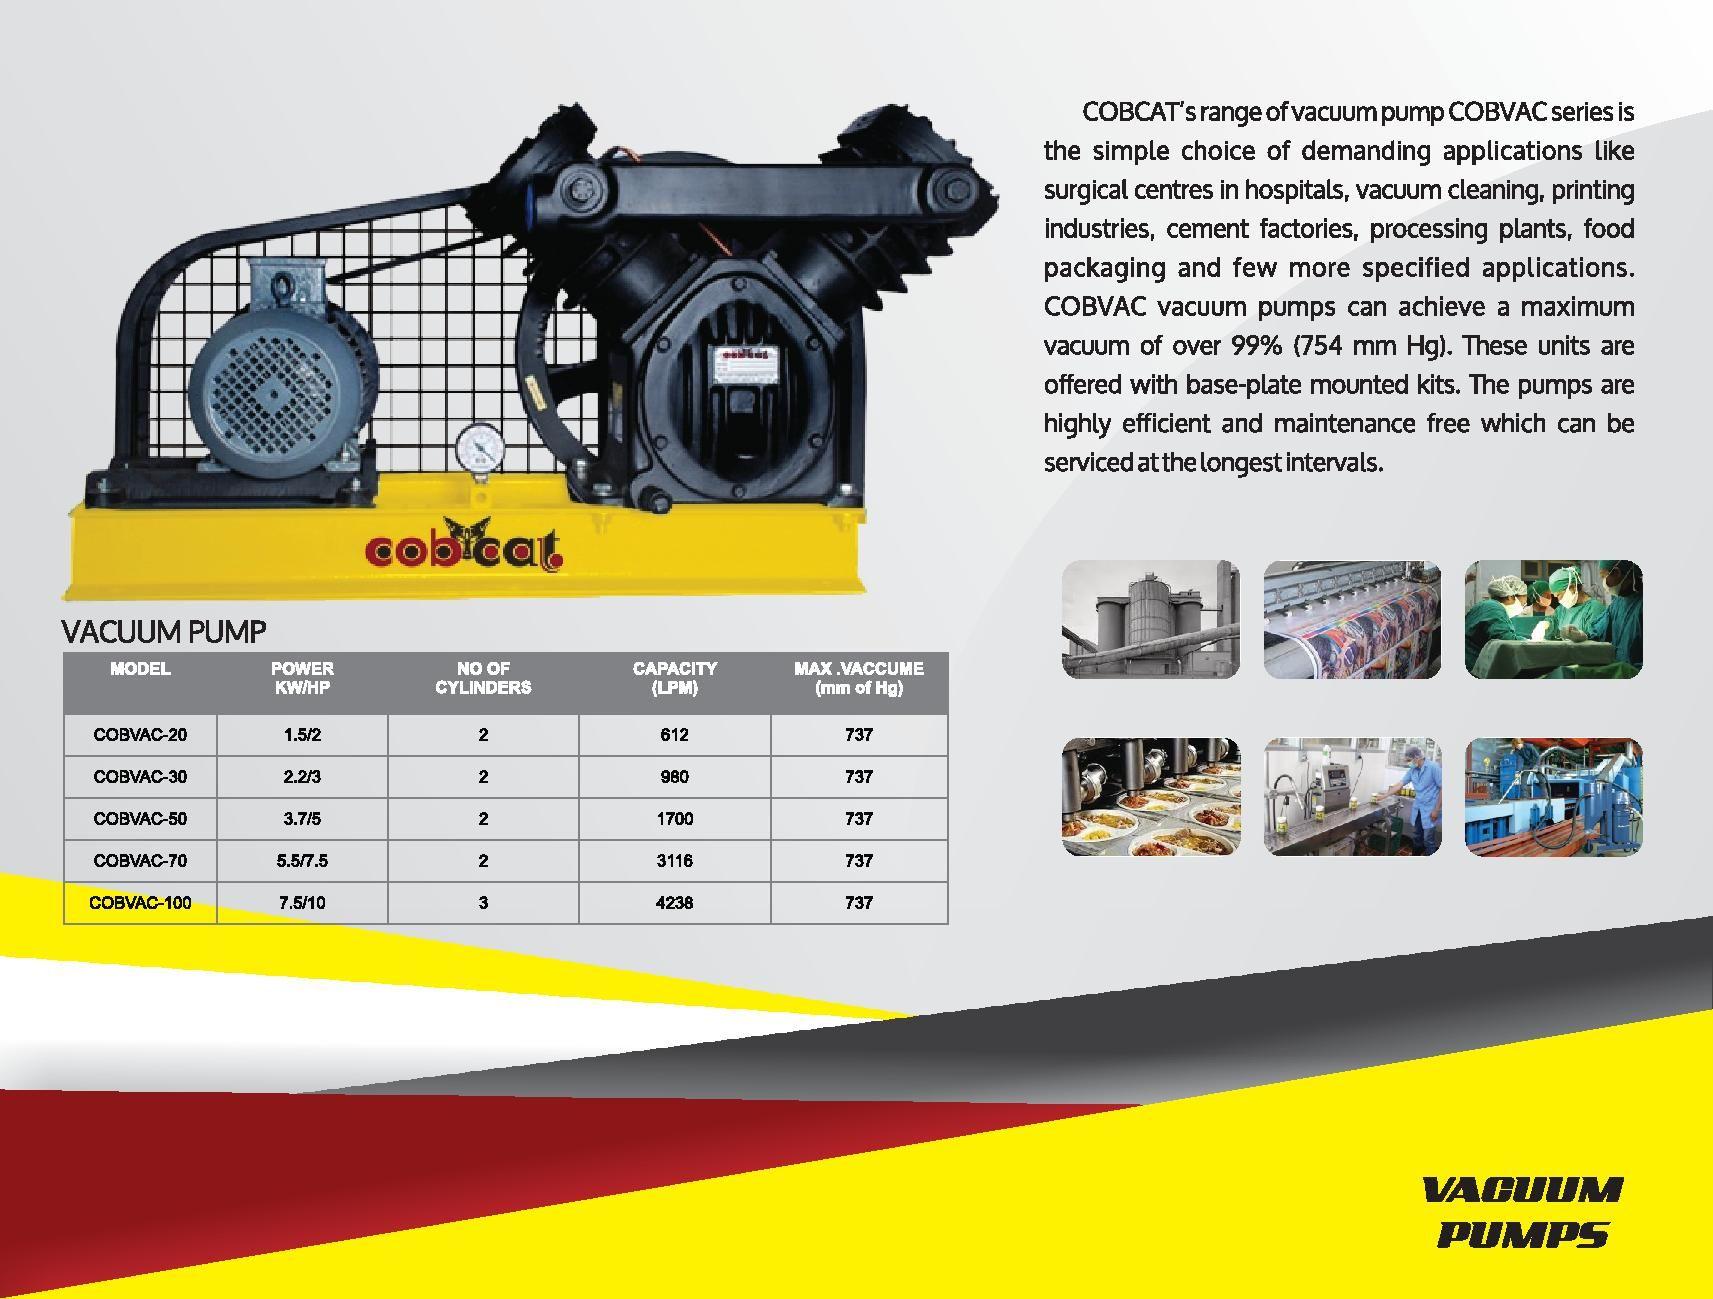 COBCAT vacuum pump manufacturers in coimbatore vacuum